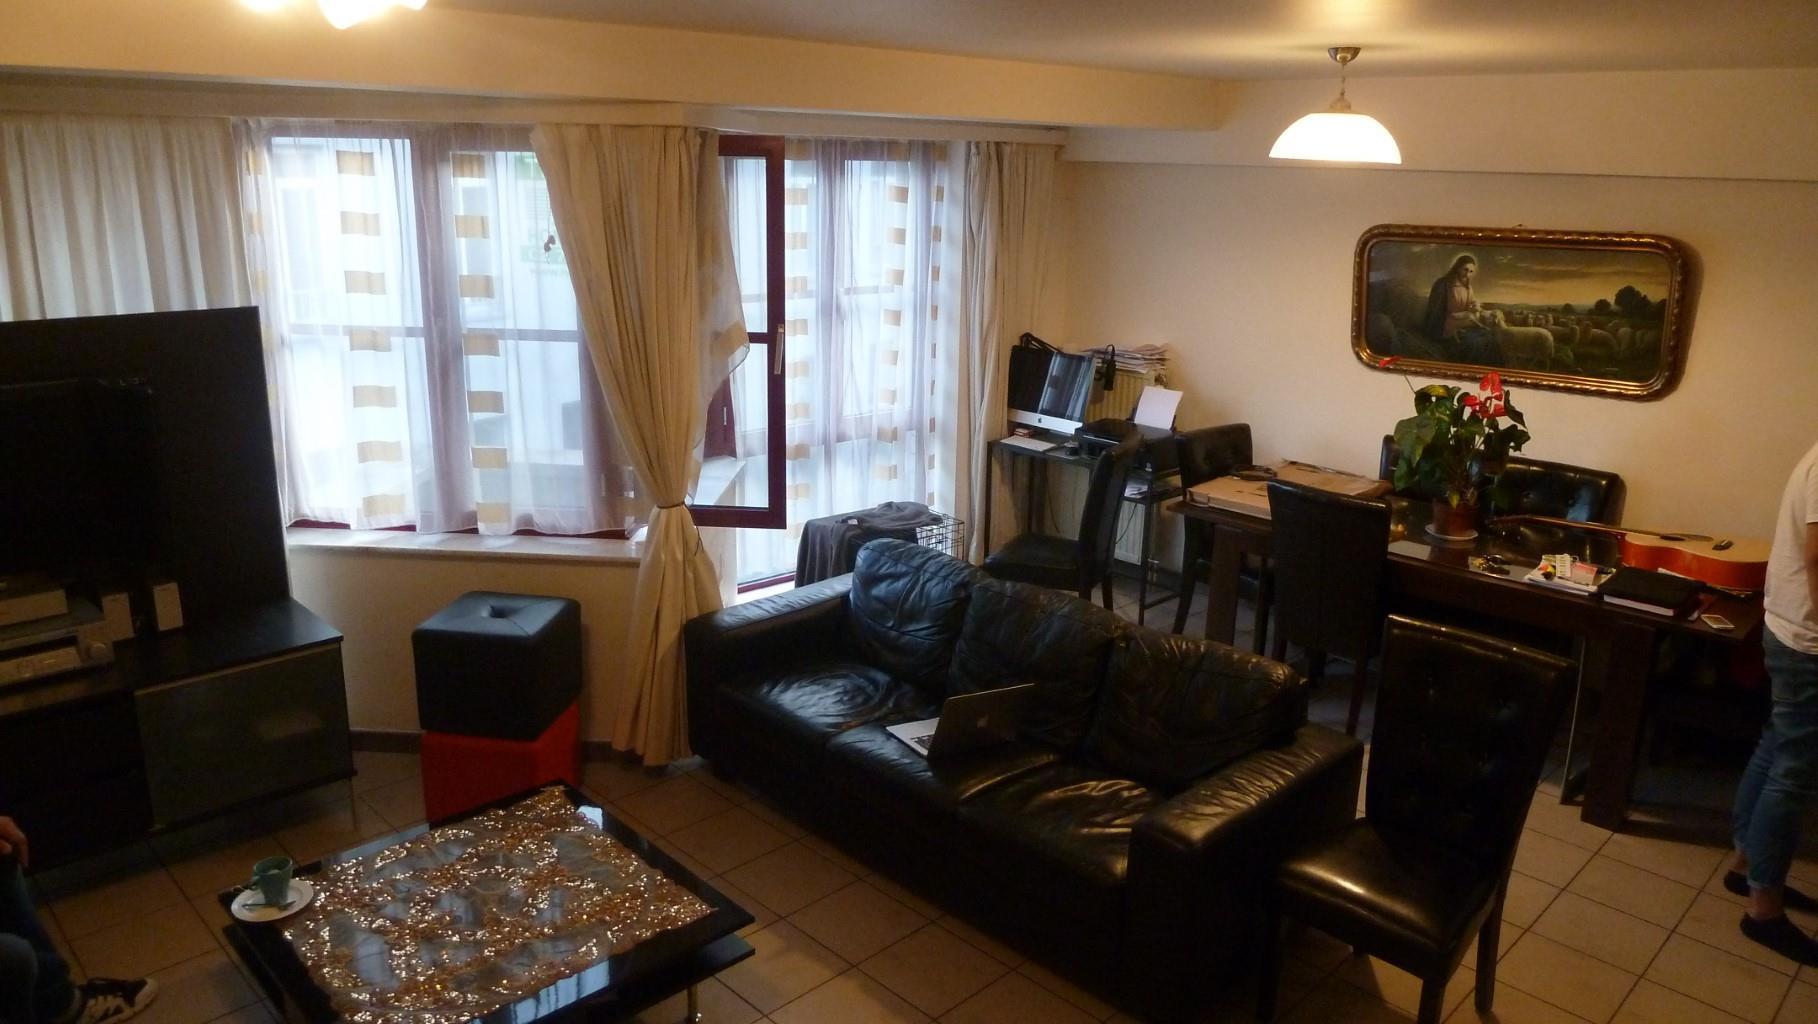 Duplex - Tervuren - #3207319-6